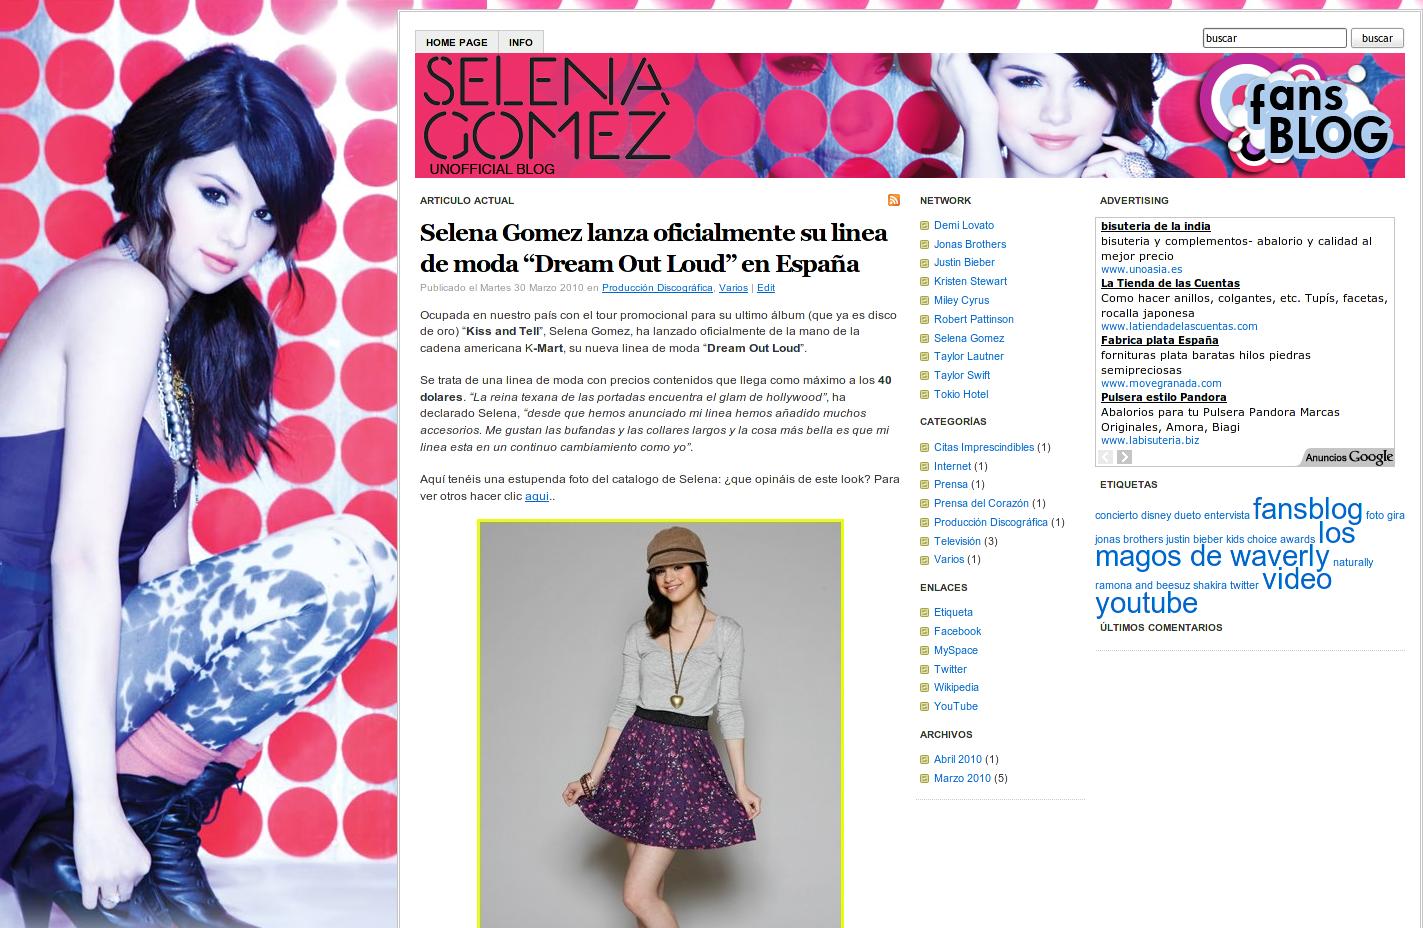 Clientes: lanzamiento de Fansblog en España